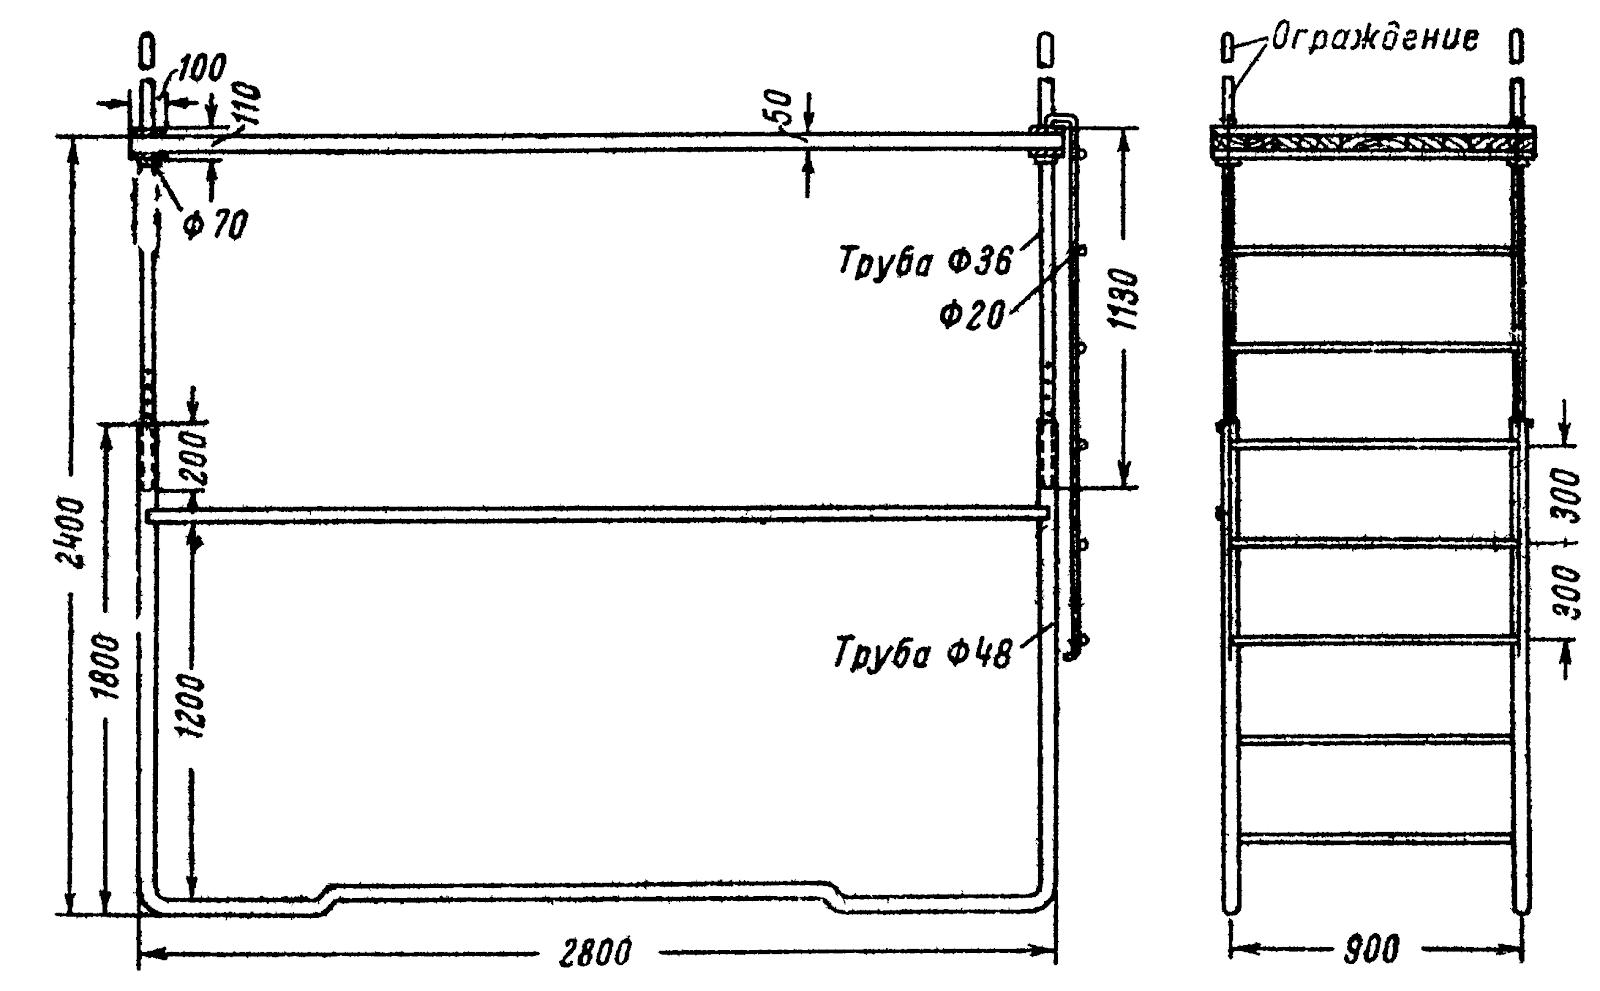 инструкци по охрне туда при испольовании межэтажного подъемника